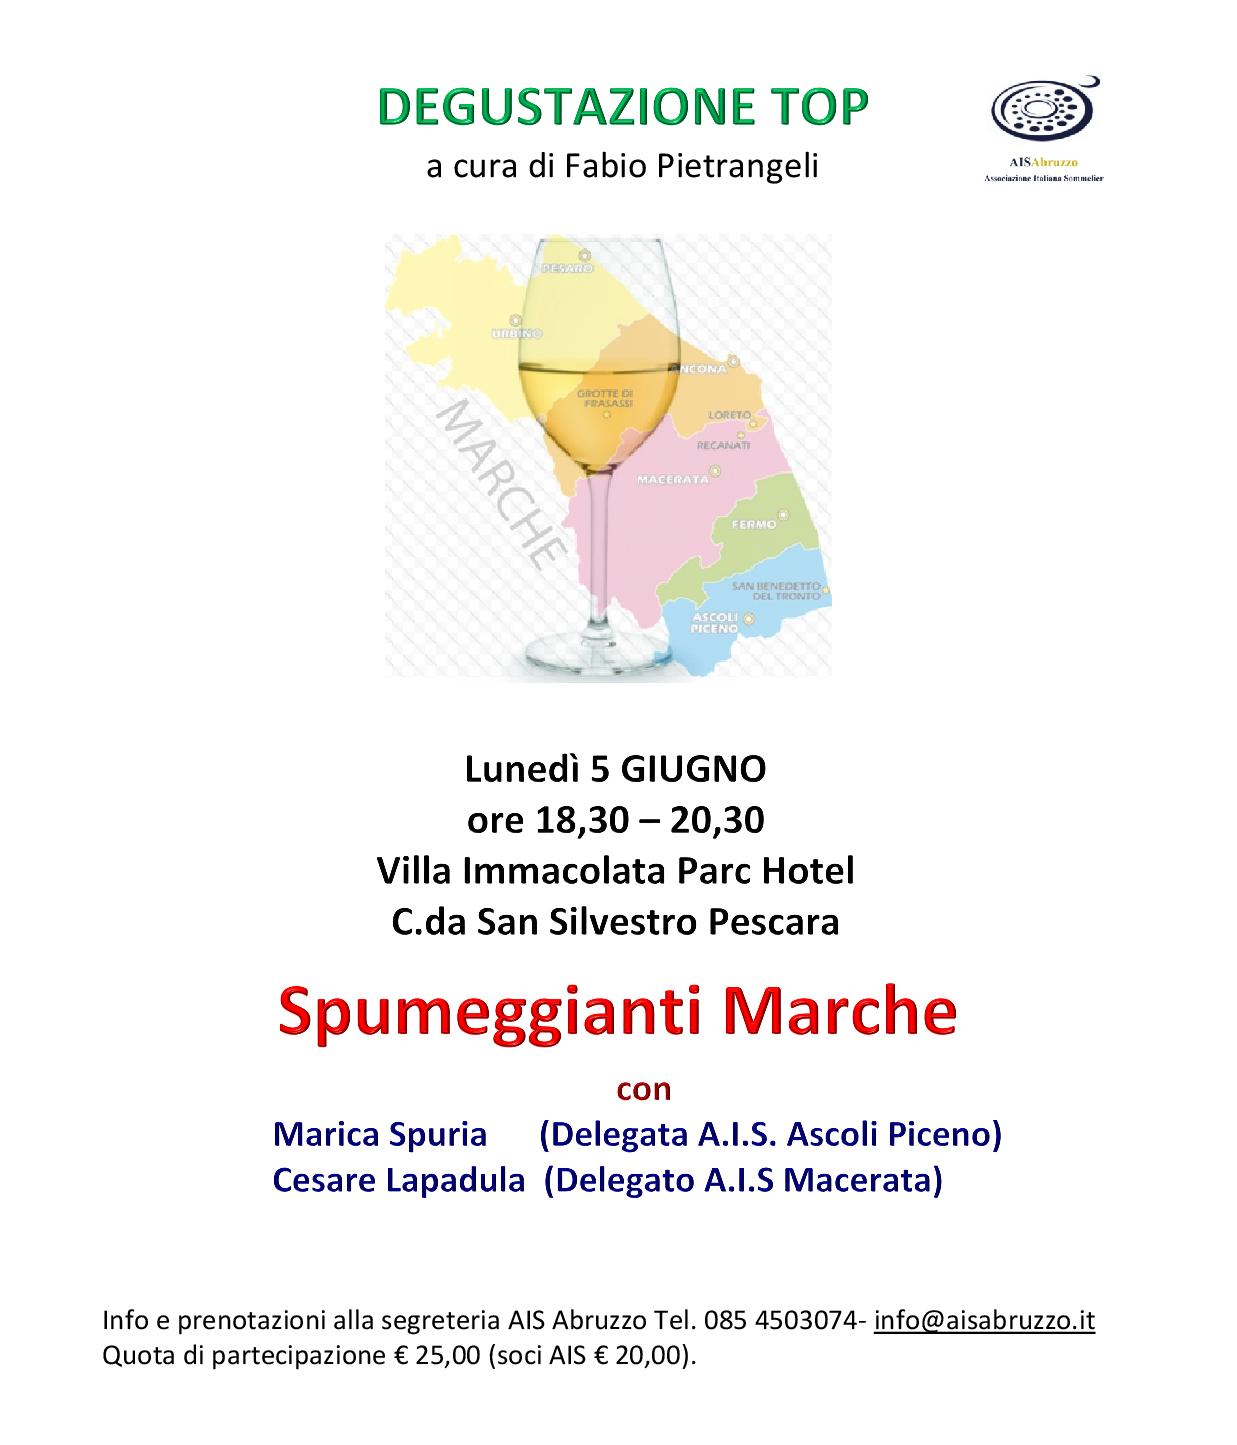 prima locandina -5 giugno deg.top Marche